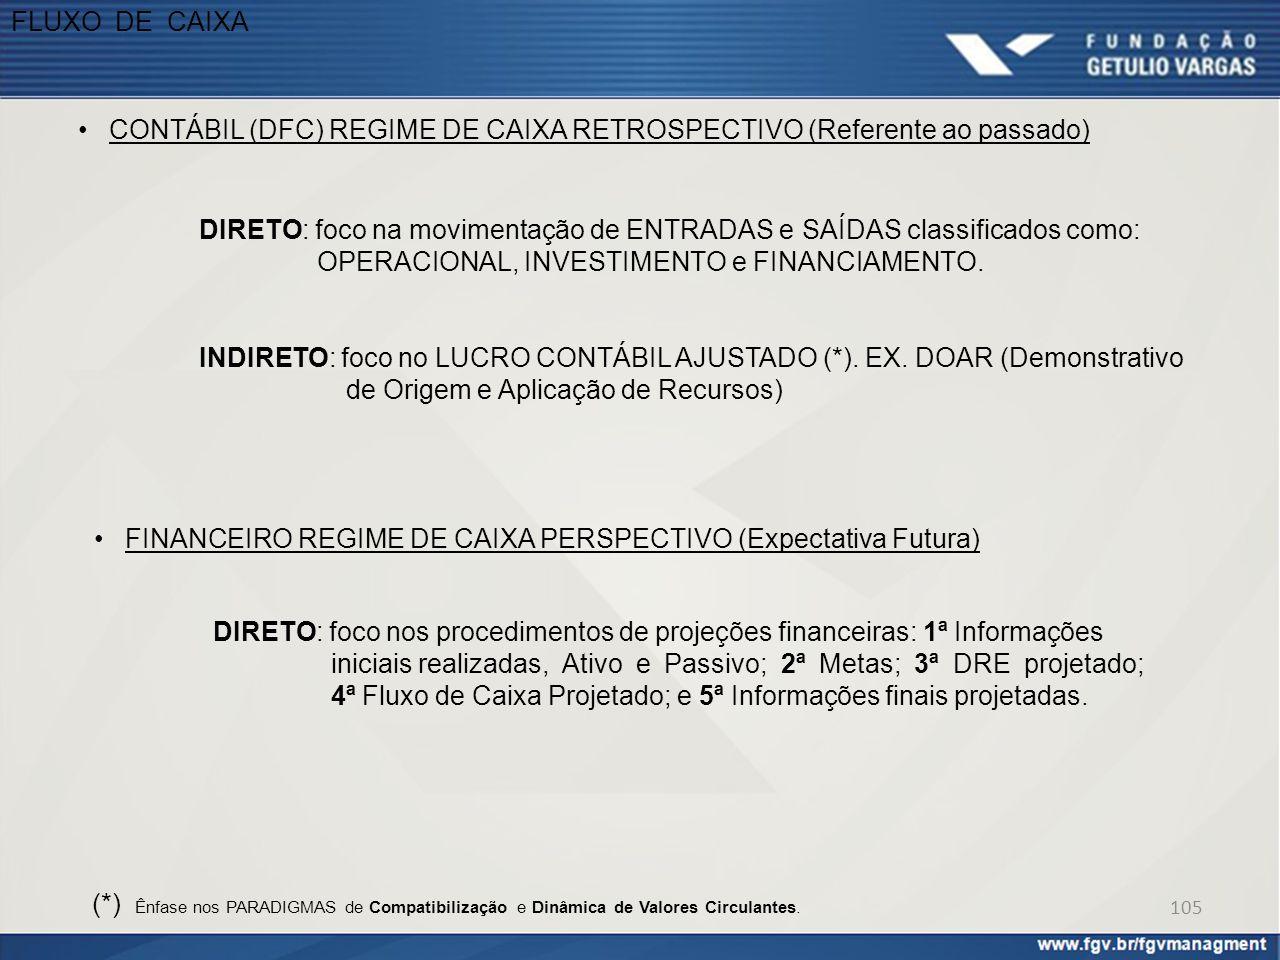 FLUXO DE CAIXA CONTÁBIL (DFC) REGIME DE CAIXA RETROSPECTIVO (Referente ao passado)